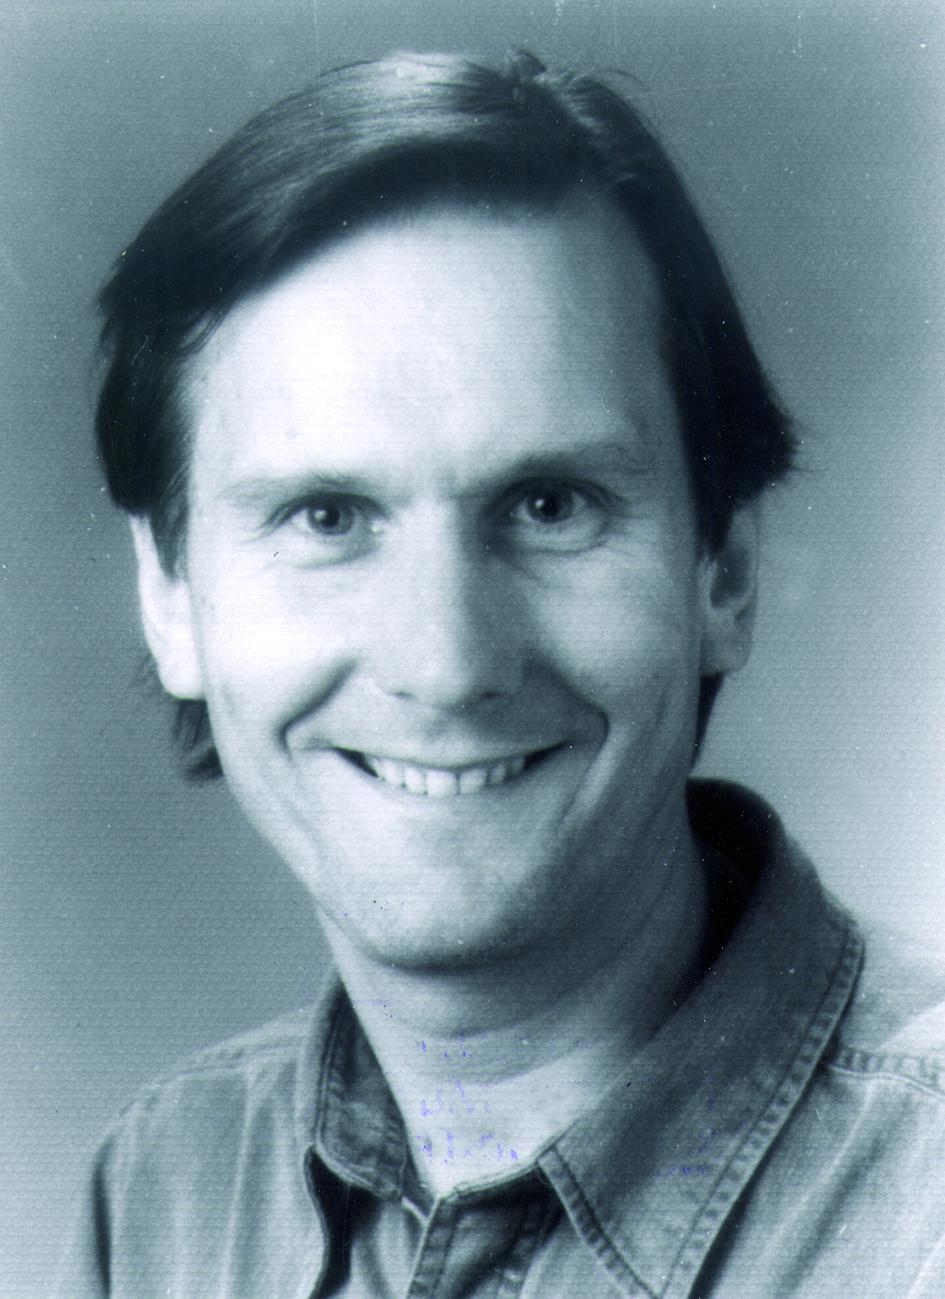 Portraitfoto von Herrn Geoffrey Harding.